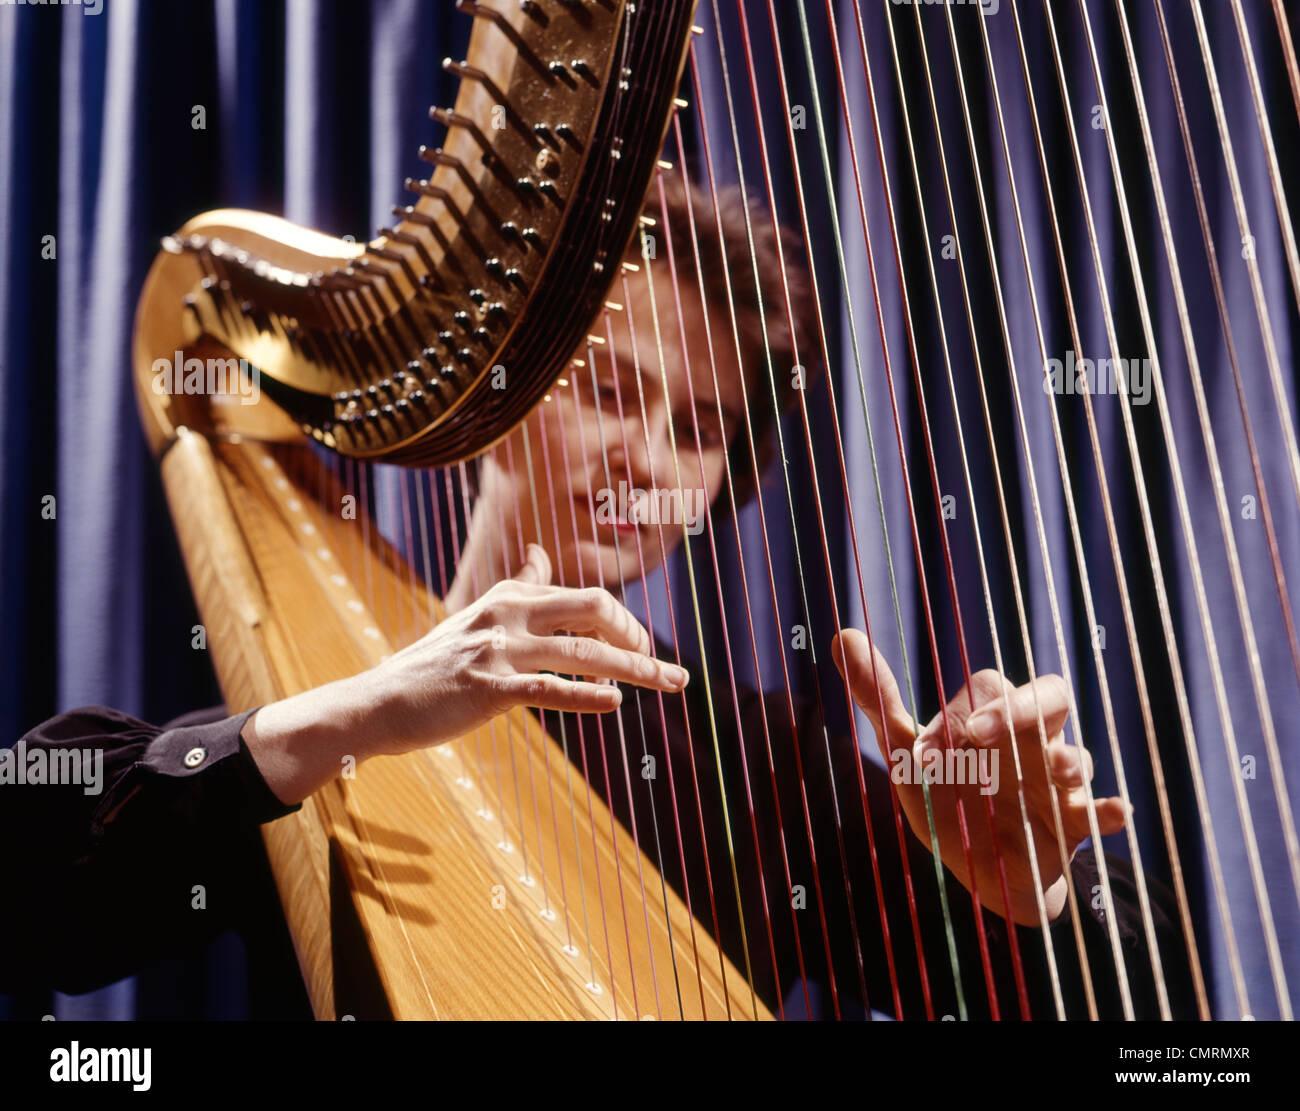 1960 1960 RETRO femme jouant de la harpe Cordes épaisses Photo Stock